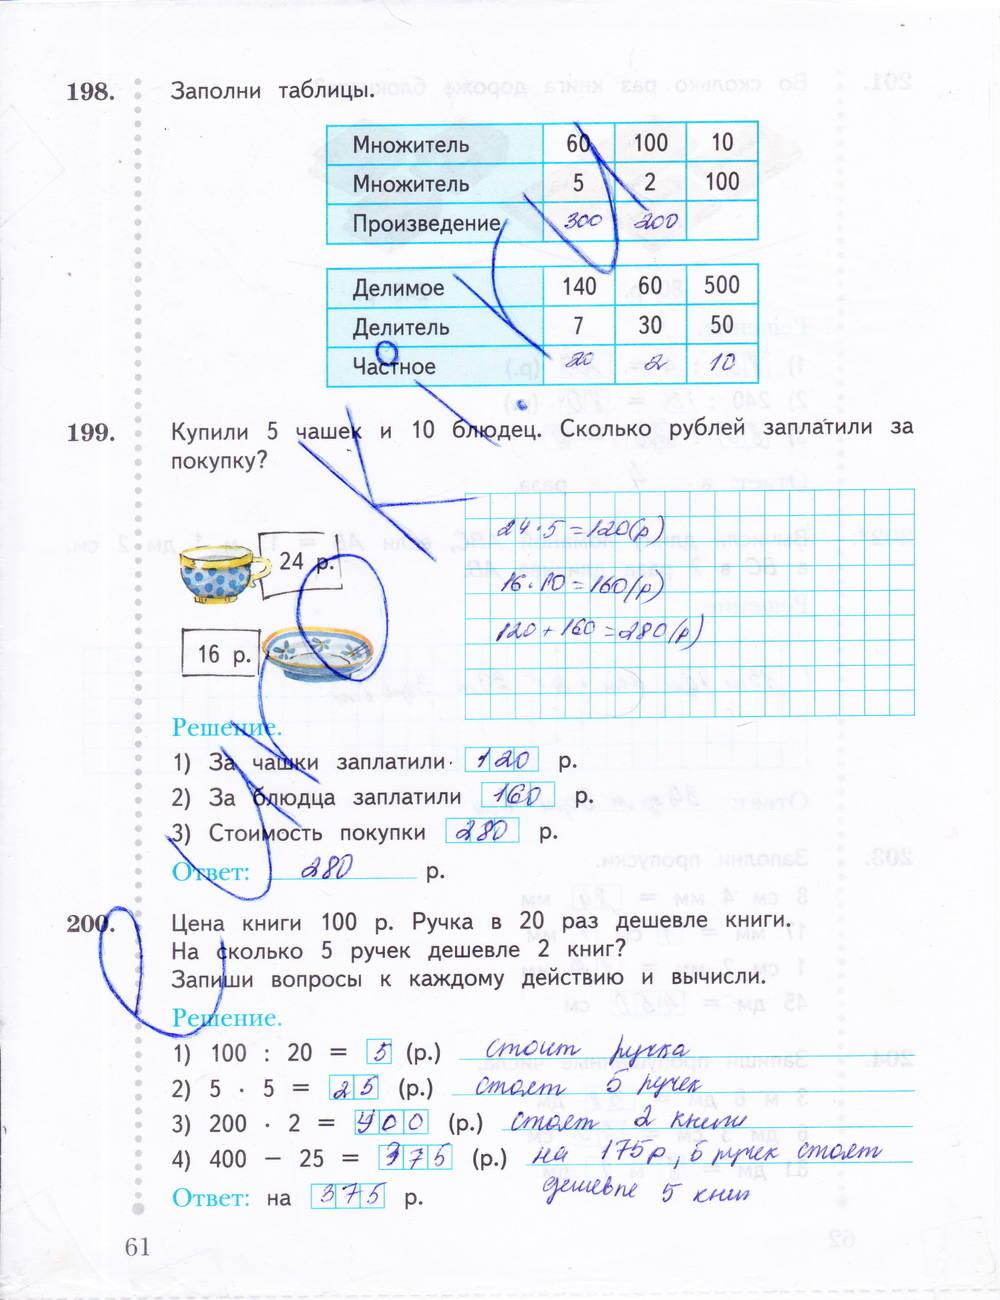 математика 3 класс тетрадь рудницкая решебник часть 2 ответы